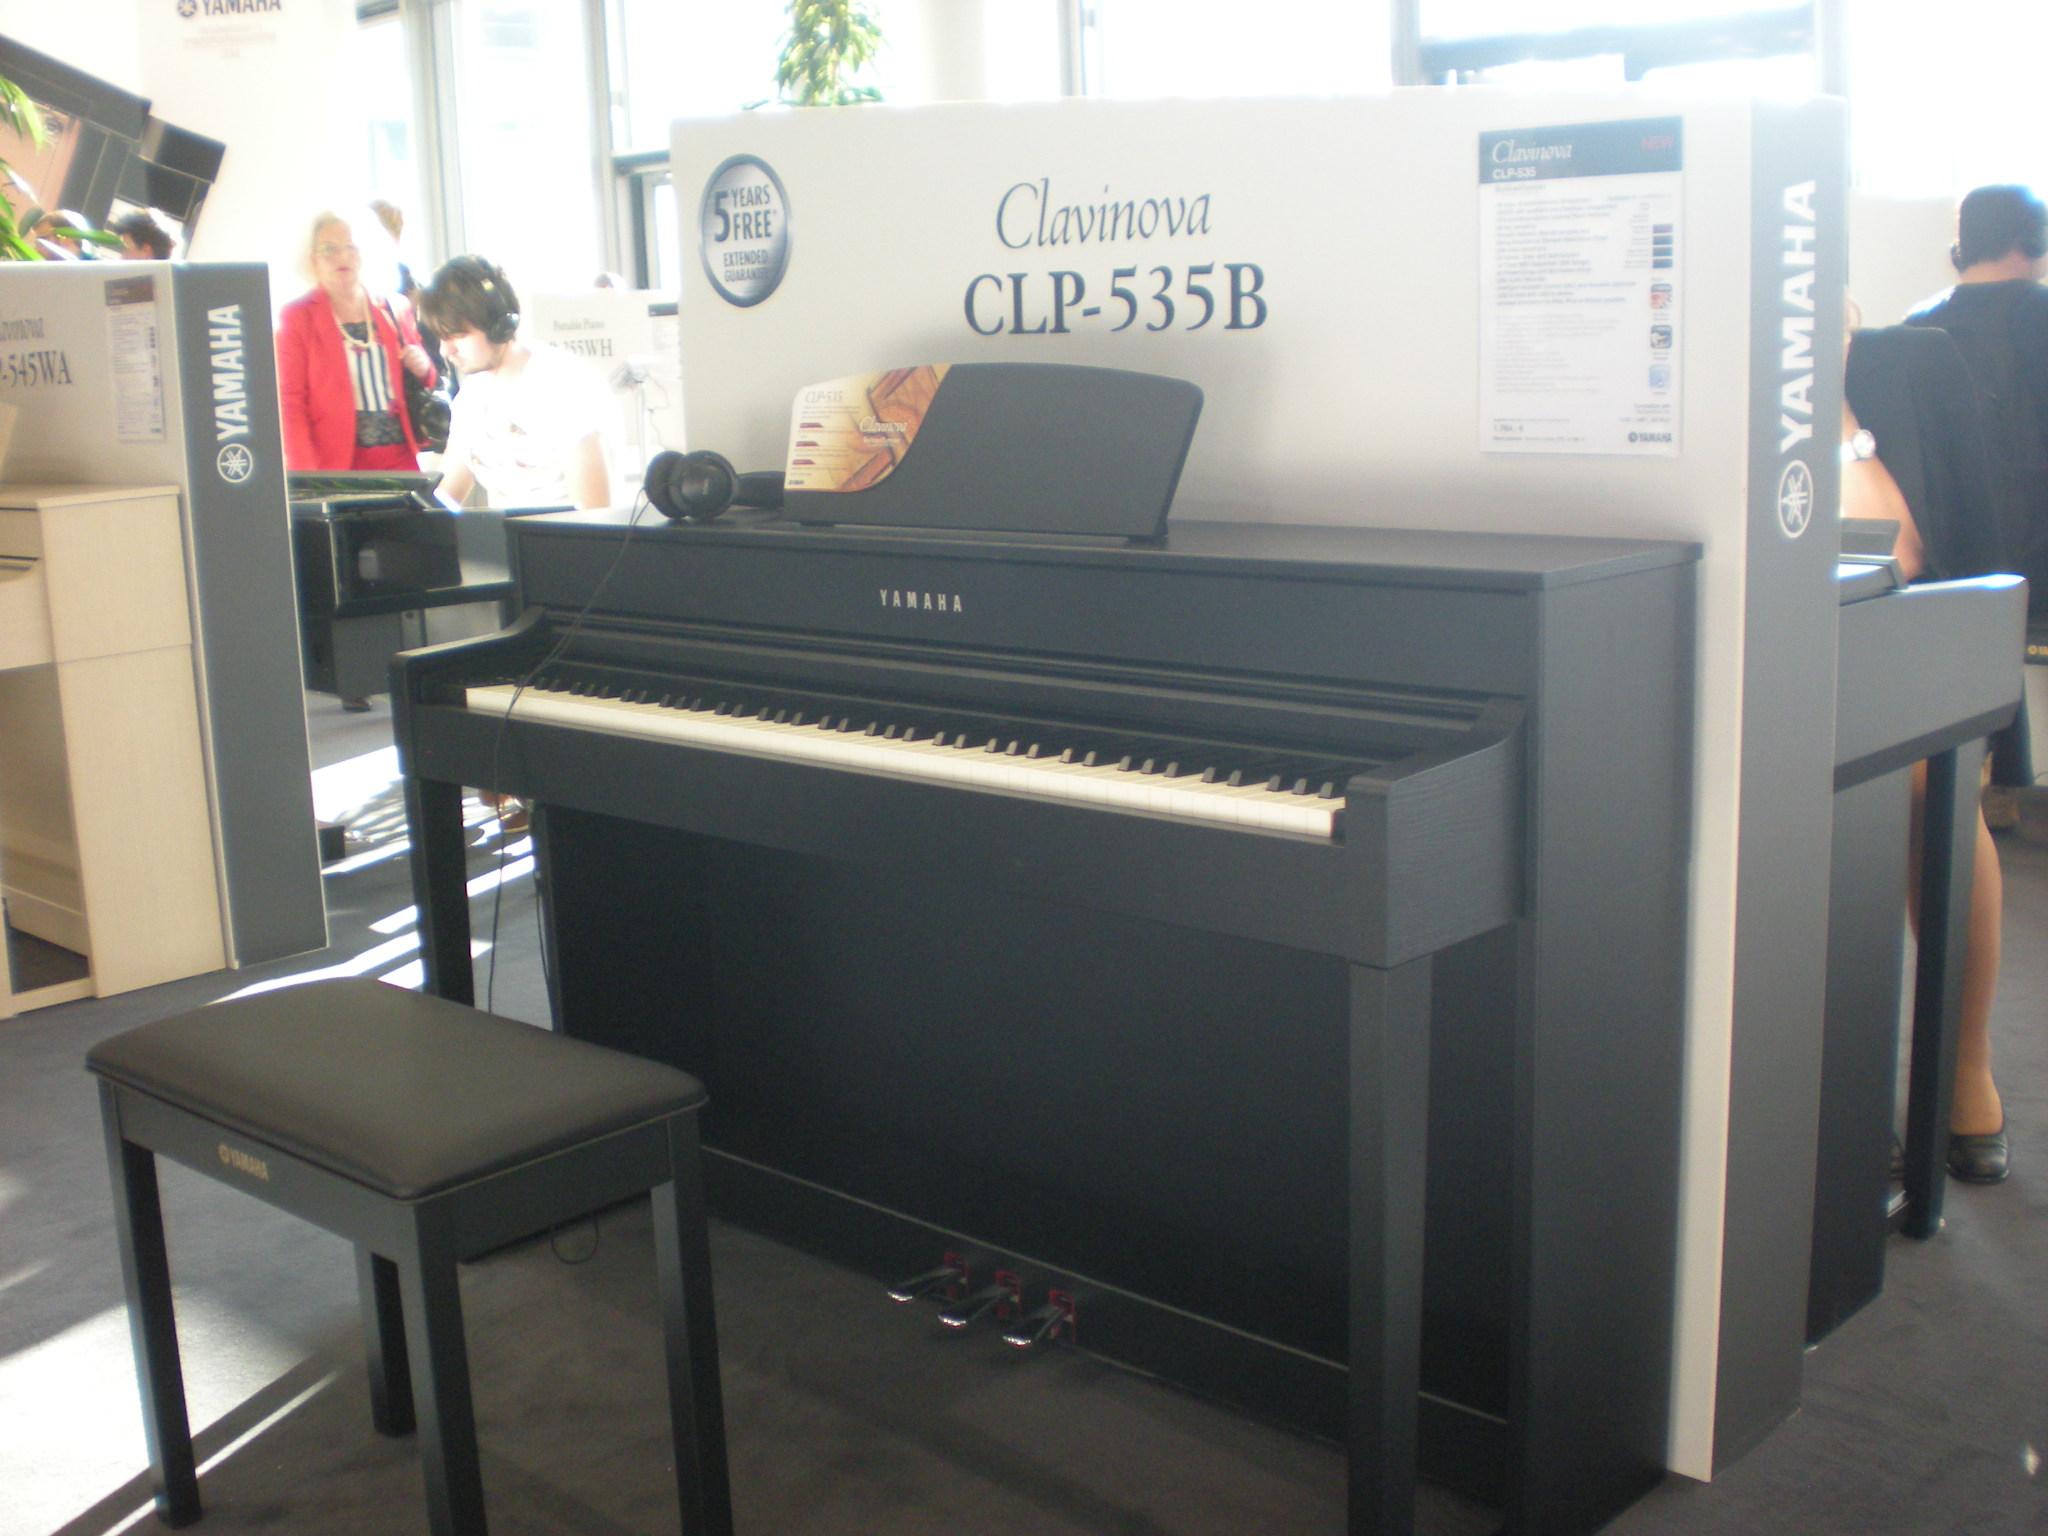 Yamaha_Clavinova_CLP-535.JPG